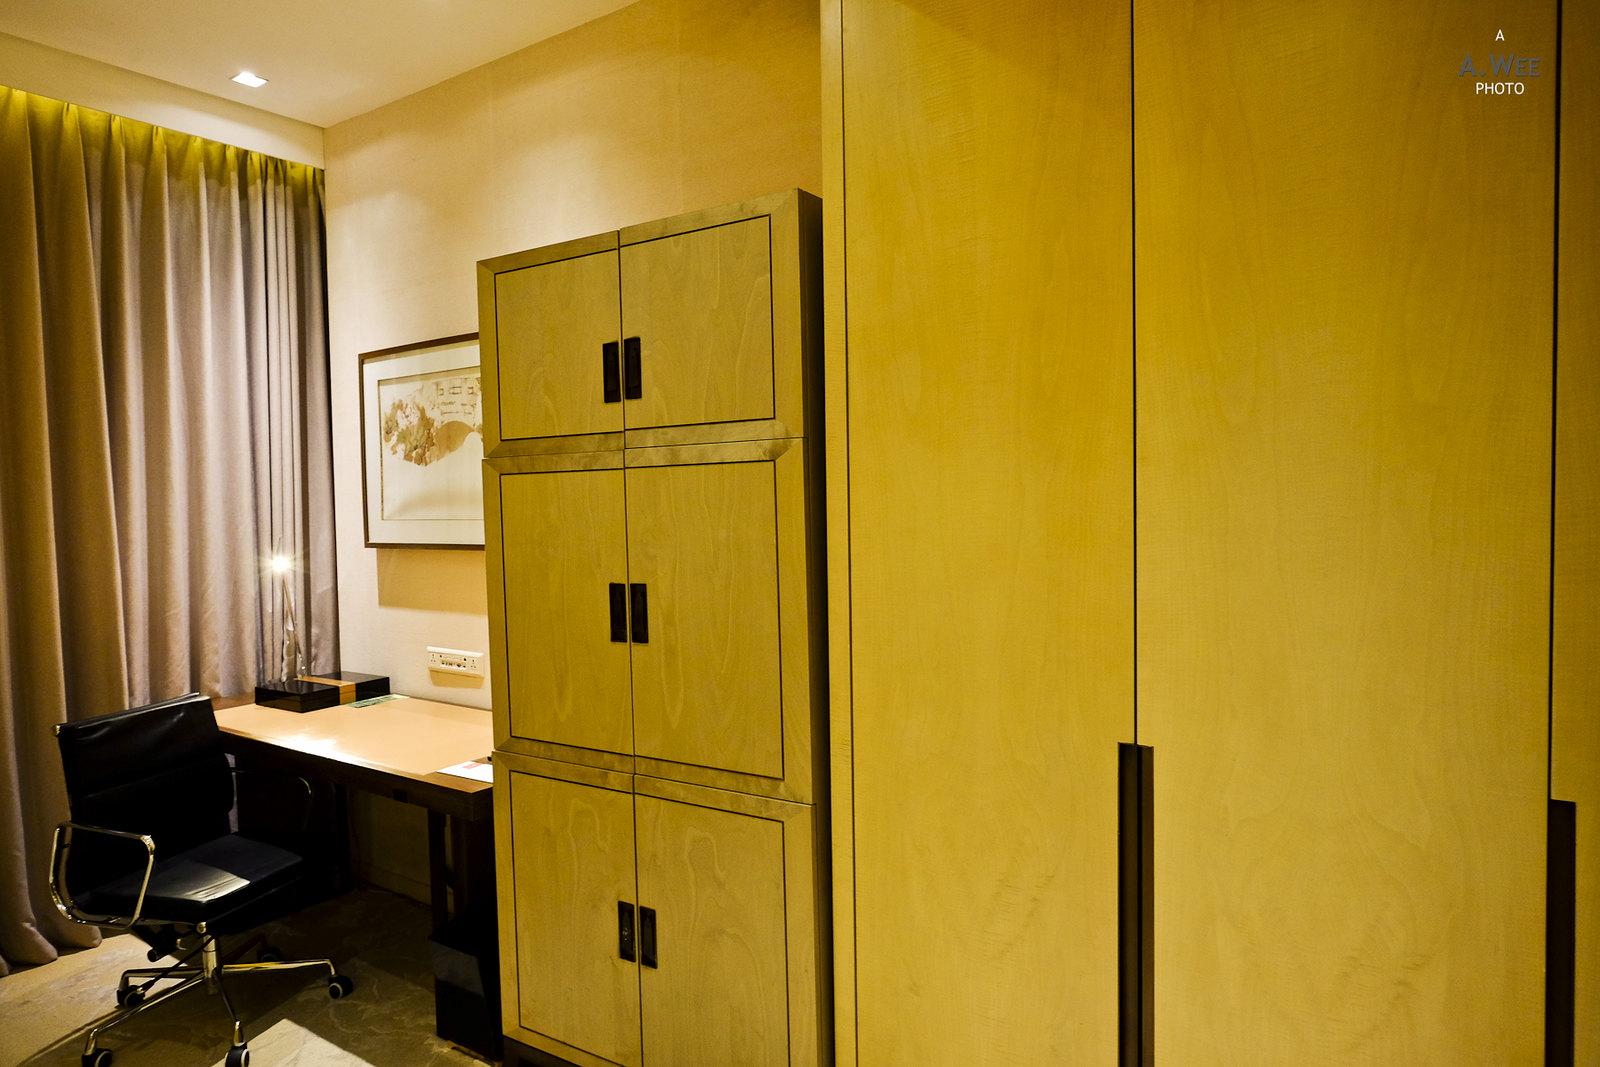 Closet and minibar